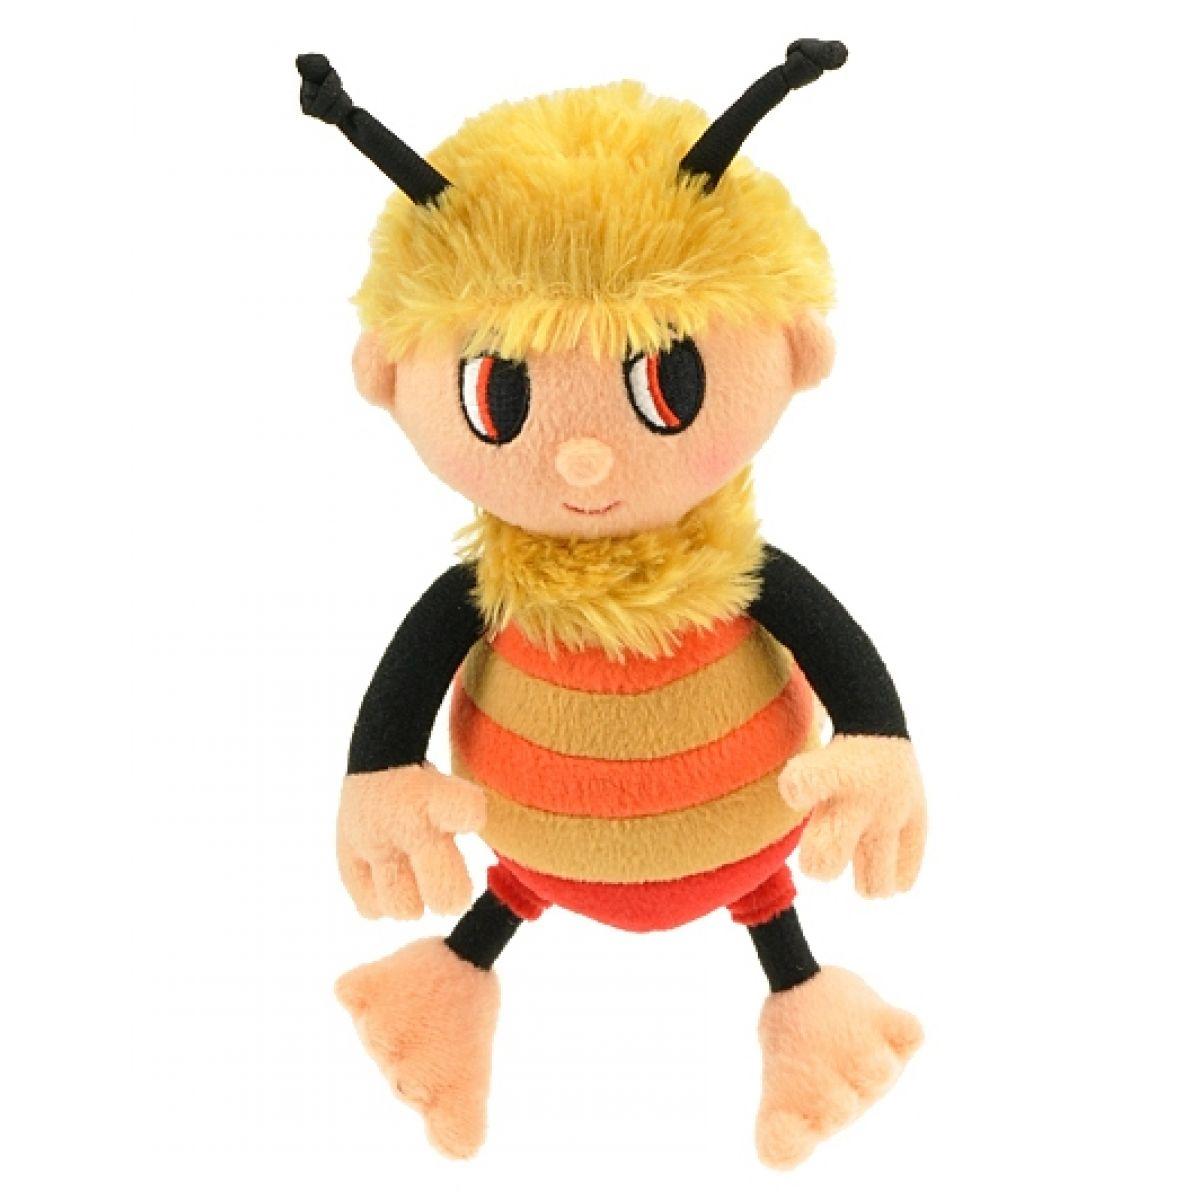 Teddies Plyšový zpívající včelí medvídek - Čmelda 26cm